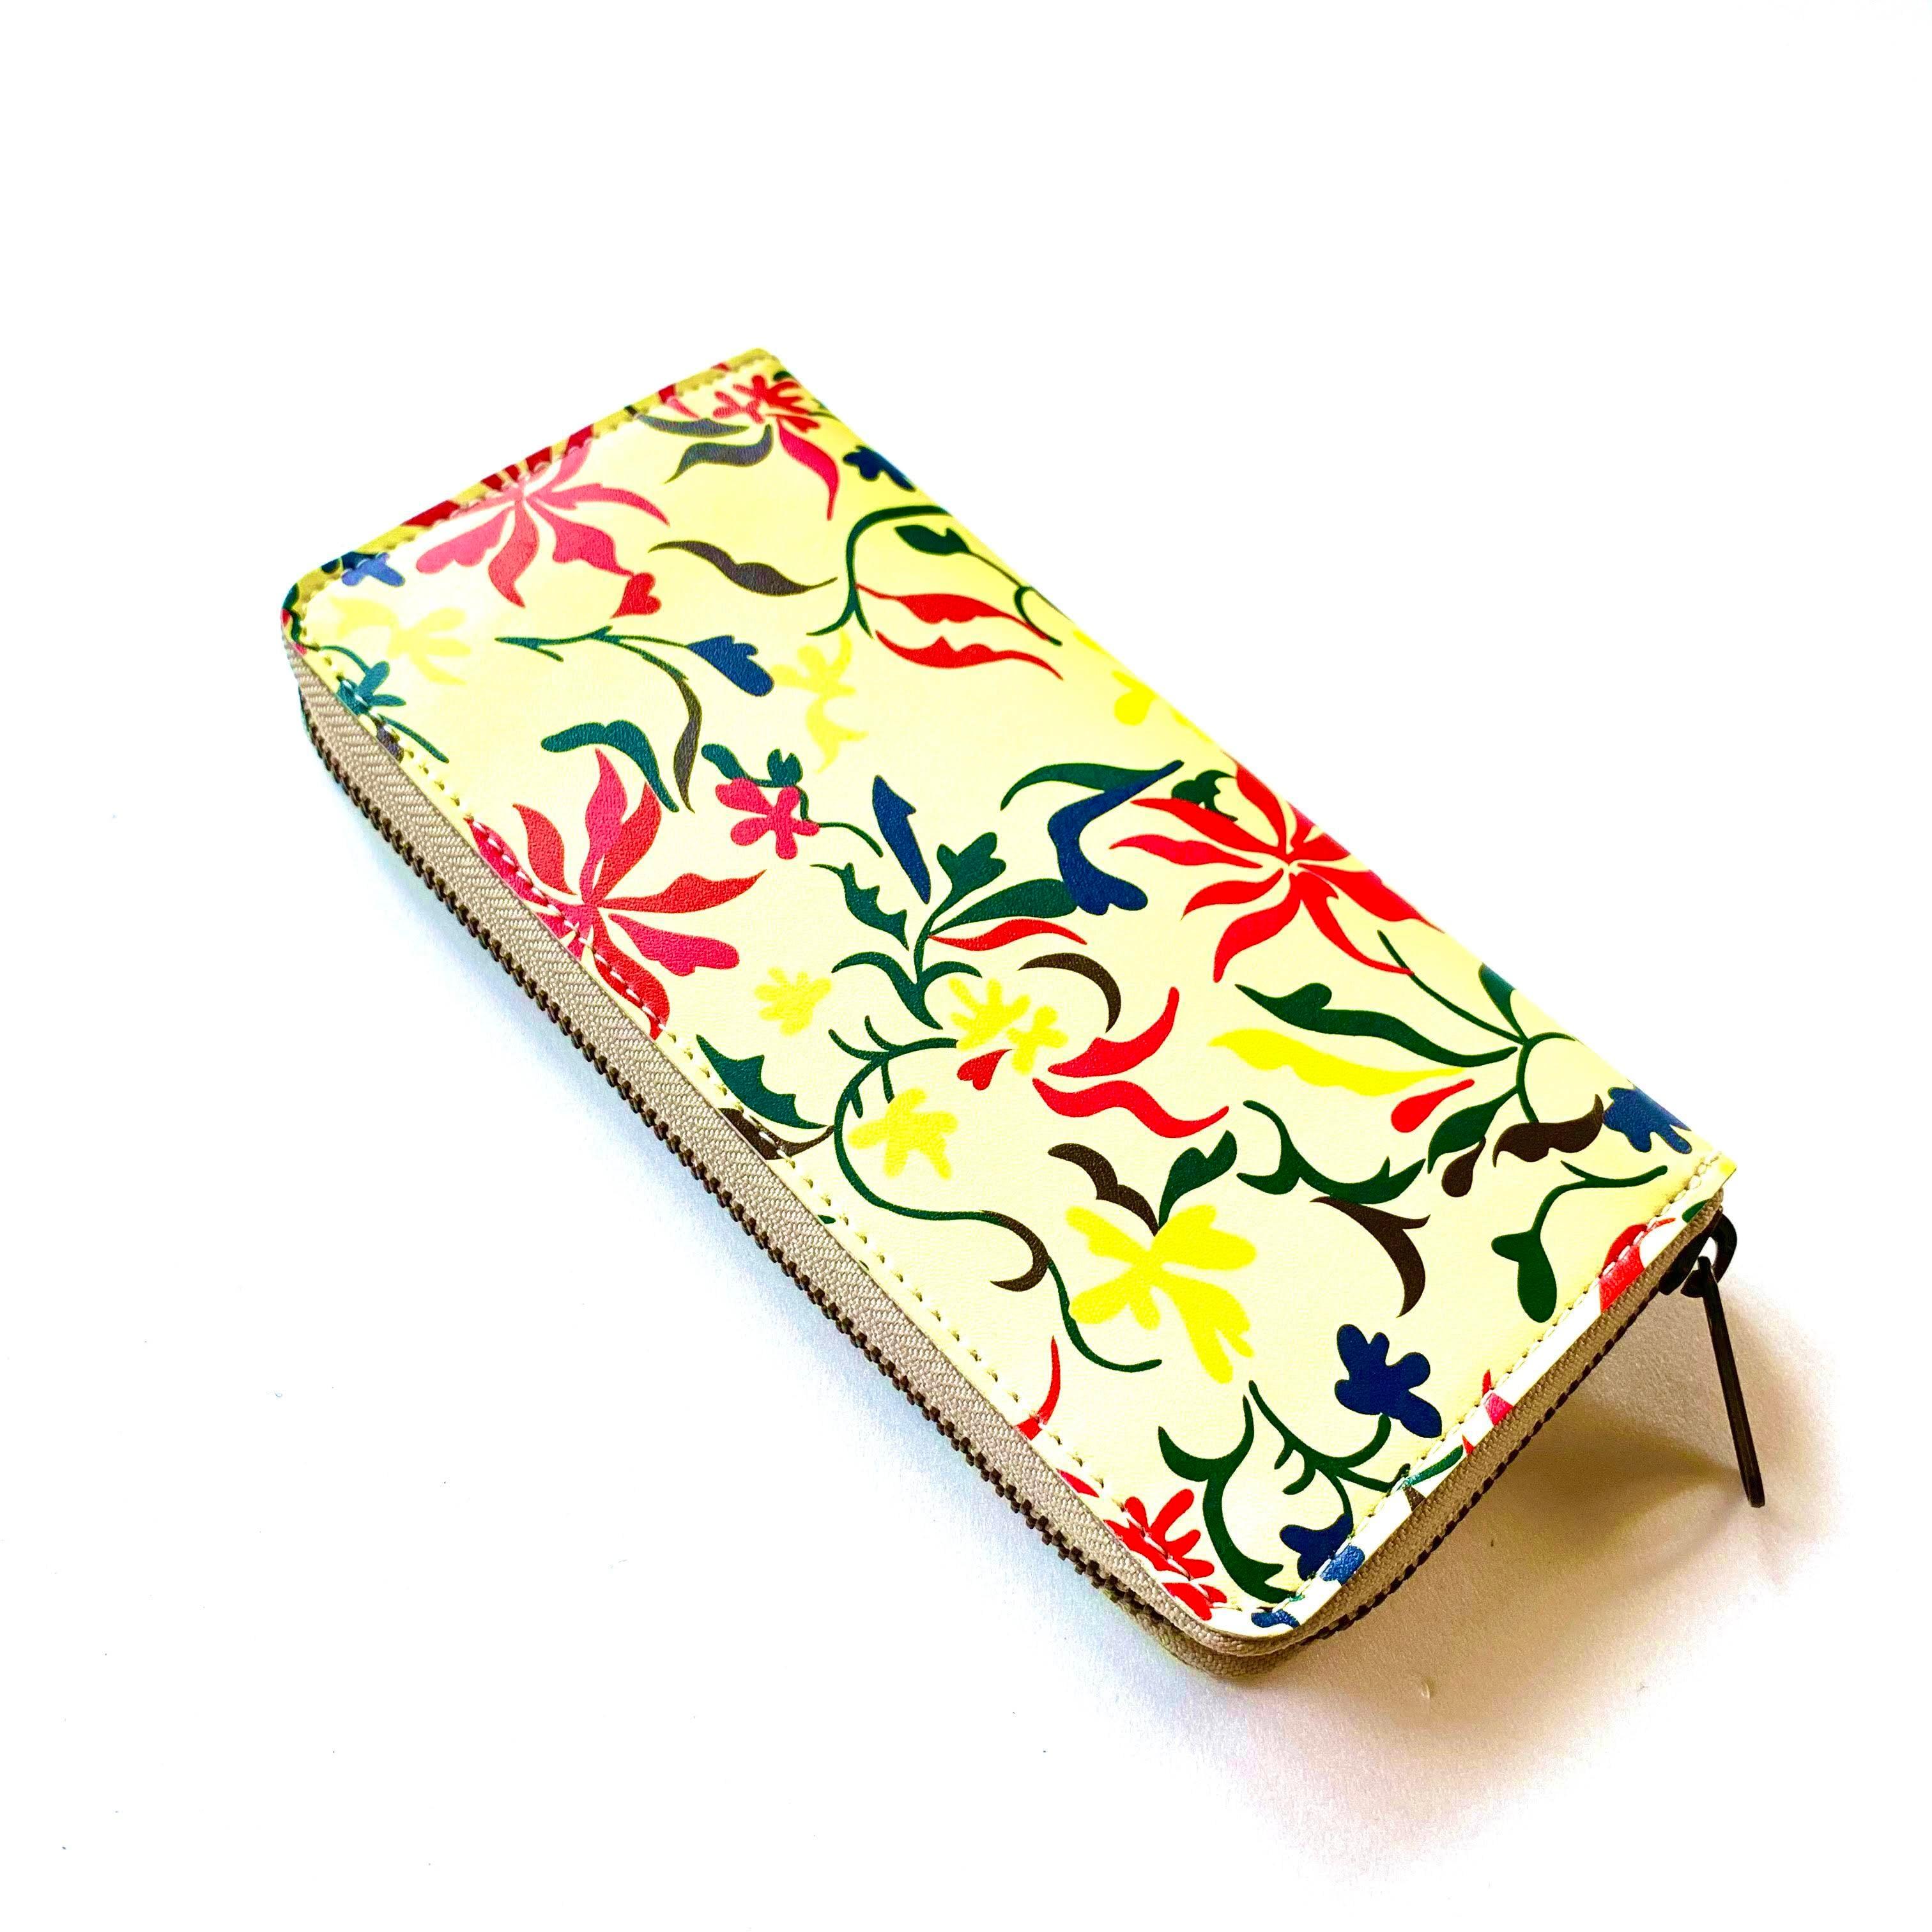 【ハシモト産業 x pink india】北欧デザイン 牛革ラウンド財布 | feather yellow